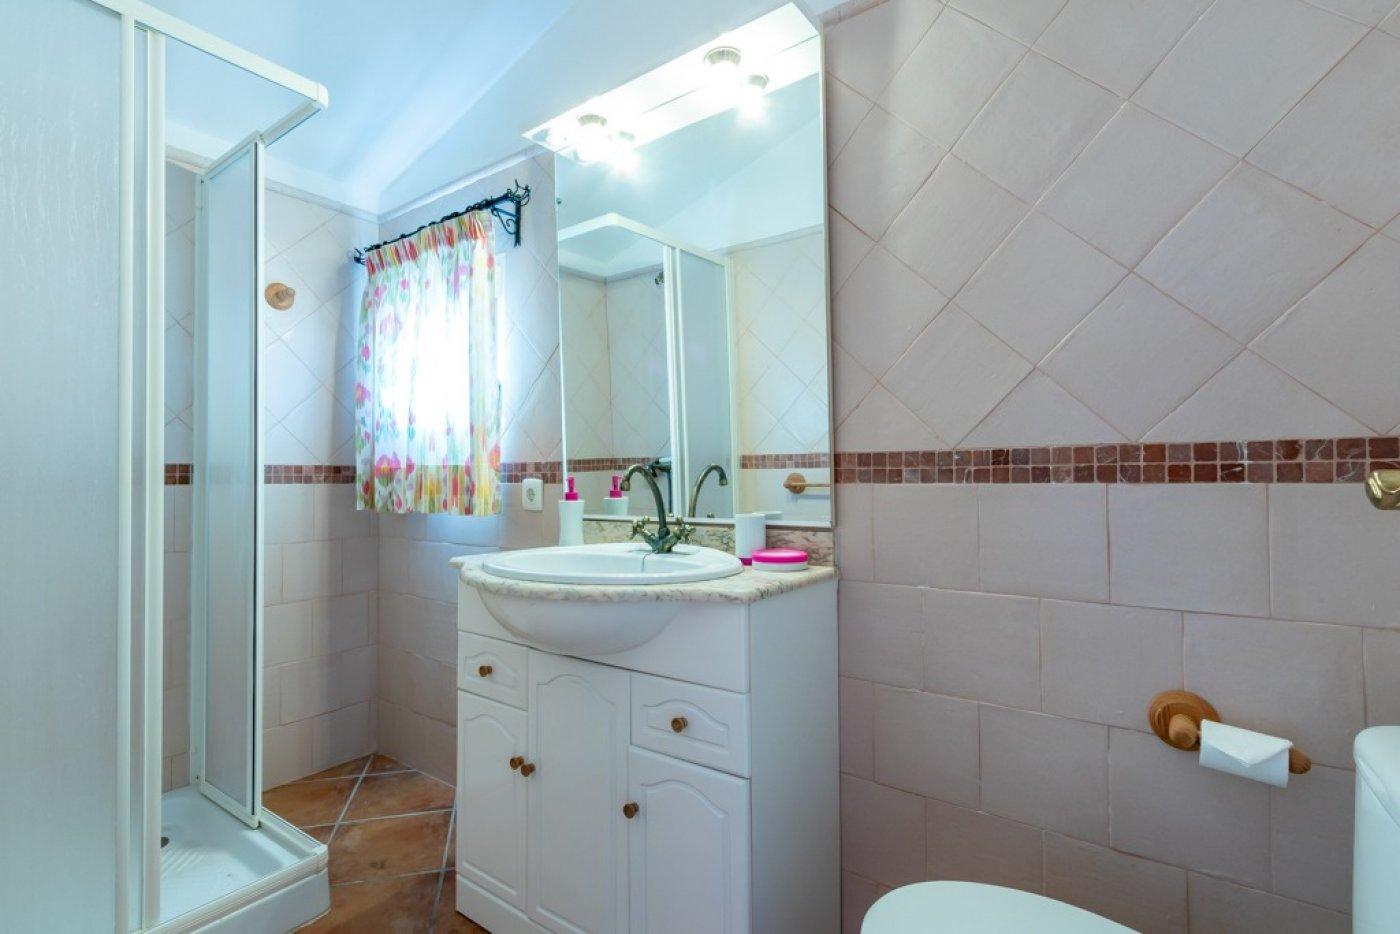 Magnifica villa en ses salines - can somni - ideal inversores turÍsticos - imagenInmueble24